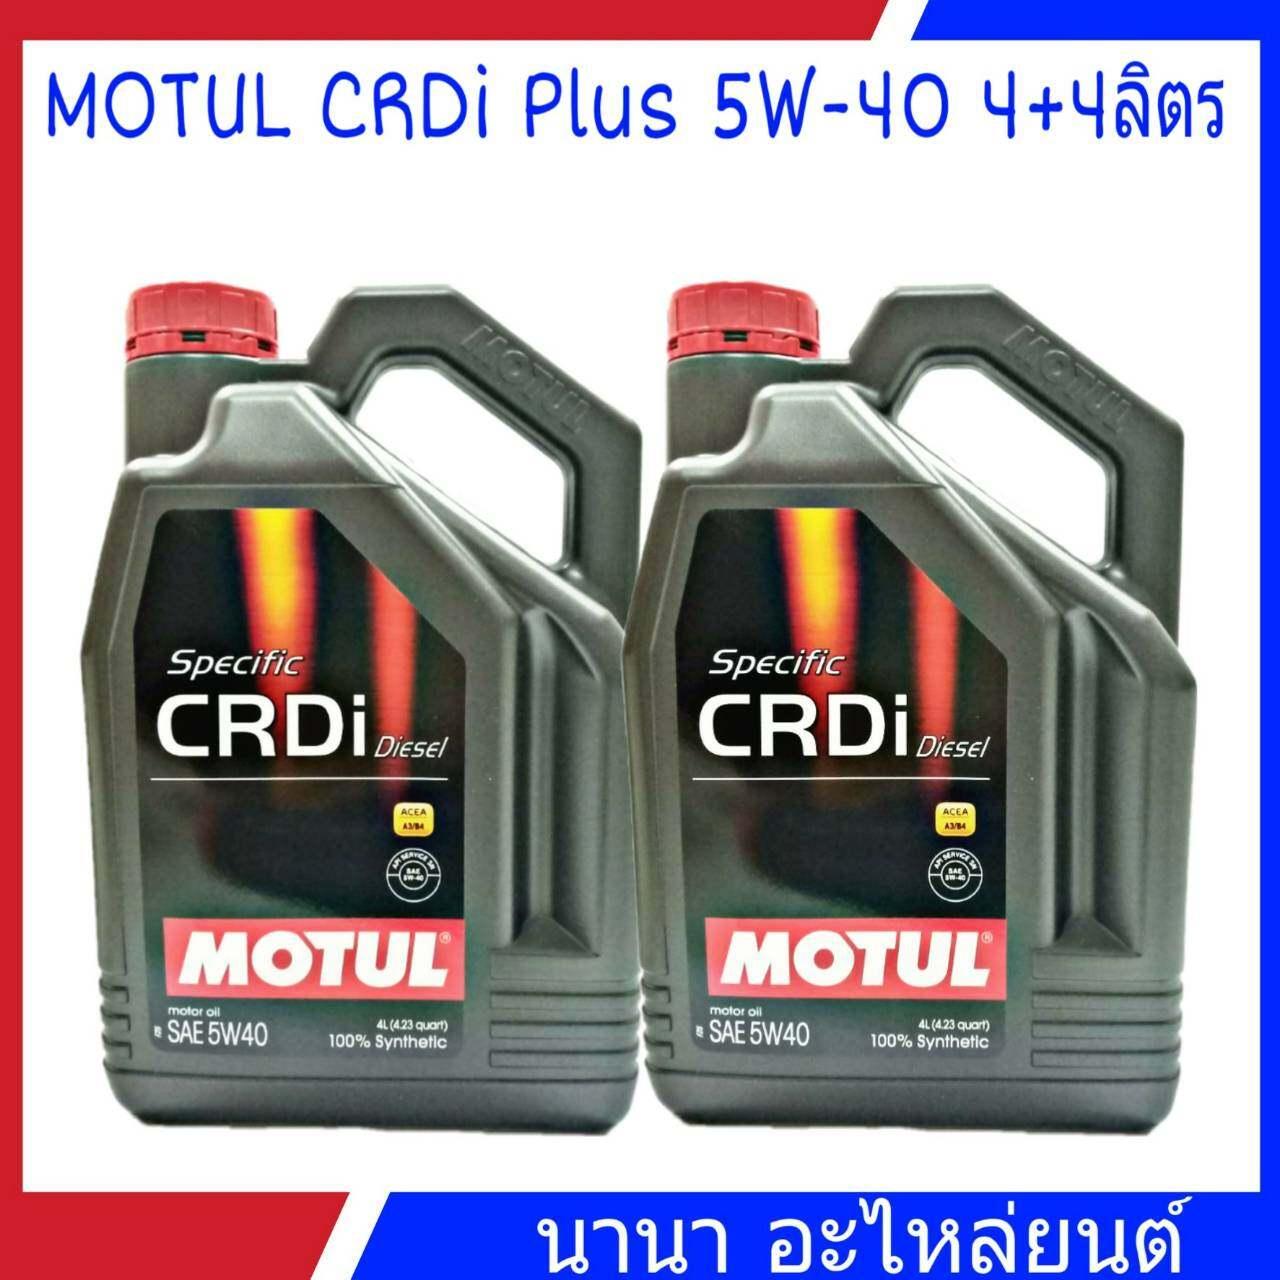 แนะนำ น้ำมันเครื่องดีเซล Motul CRDi Plus 5W-40 โมตุล สังเคราะห์แท้ 4+4ลิตร